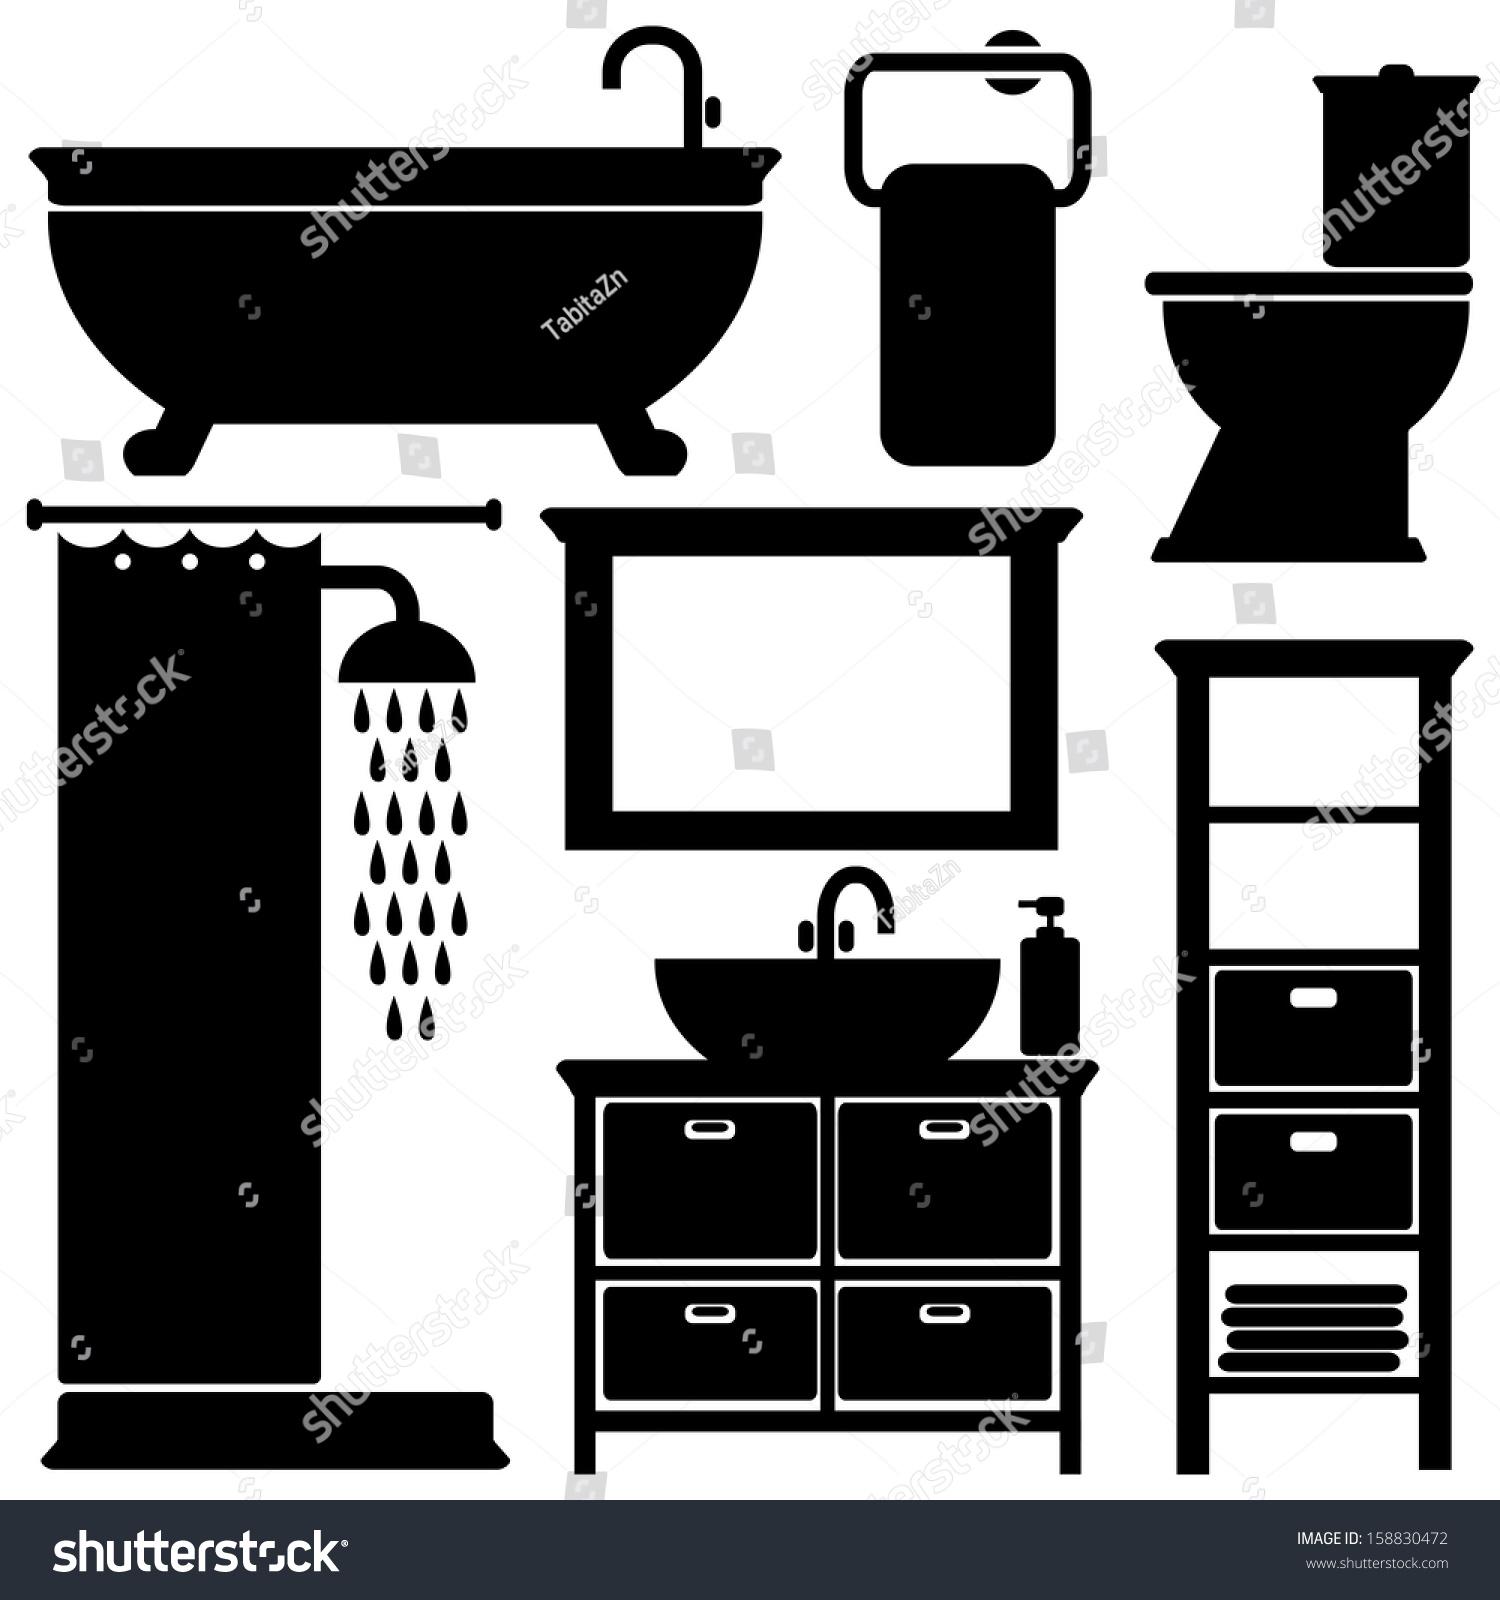 Bathroom Toilet Black Icons Set, Silhouettes On White